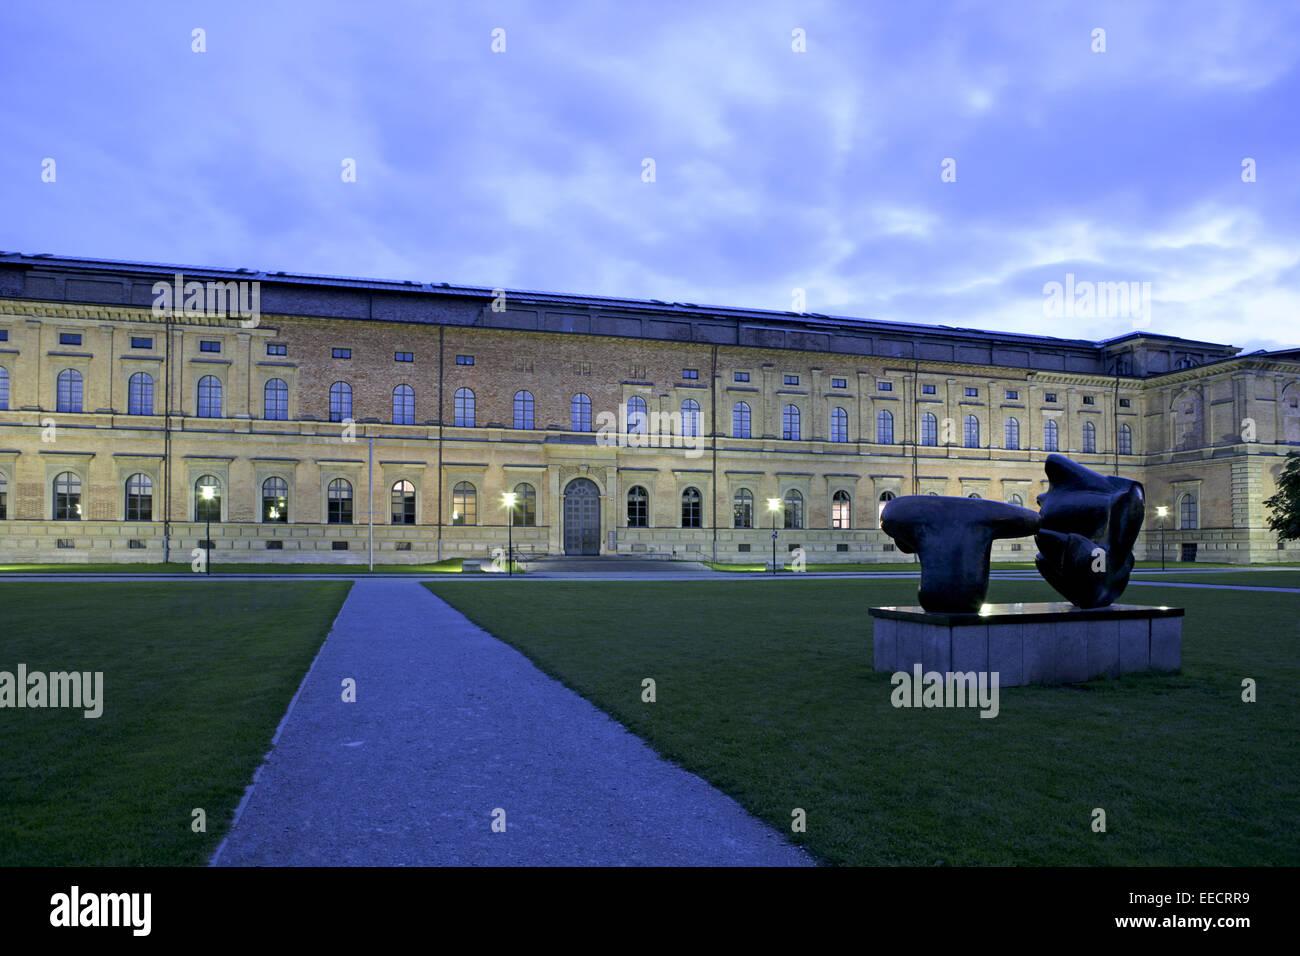 Alte Pinakothek, Architektur, Aussenansicht, Aussenaufnahme, Bronze, Fassade, Gebaeude, Gebäude, Gebaeudefassade, - Stock Image